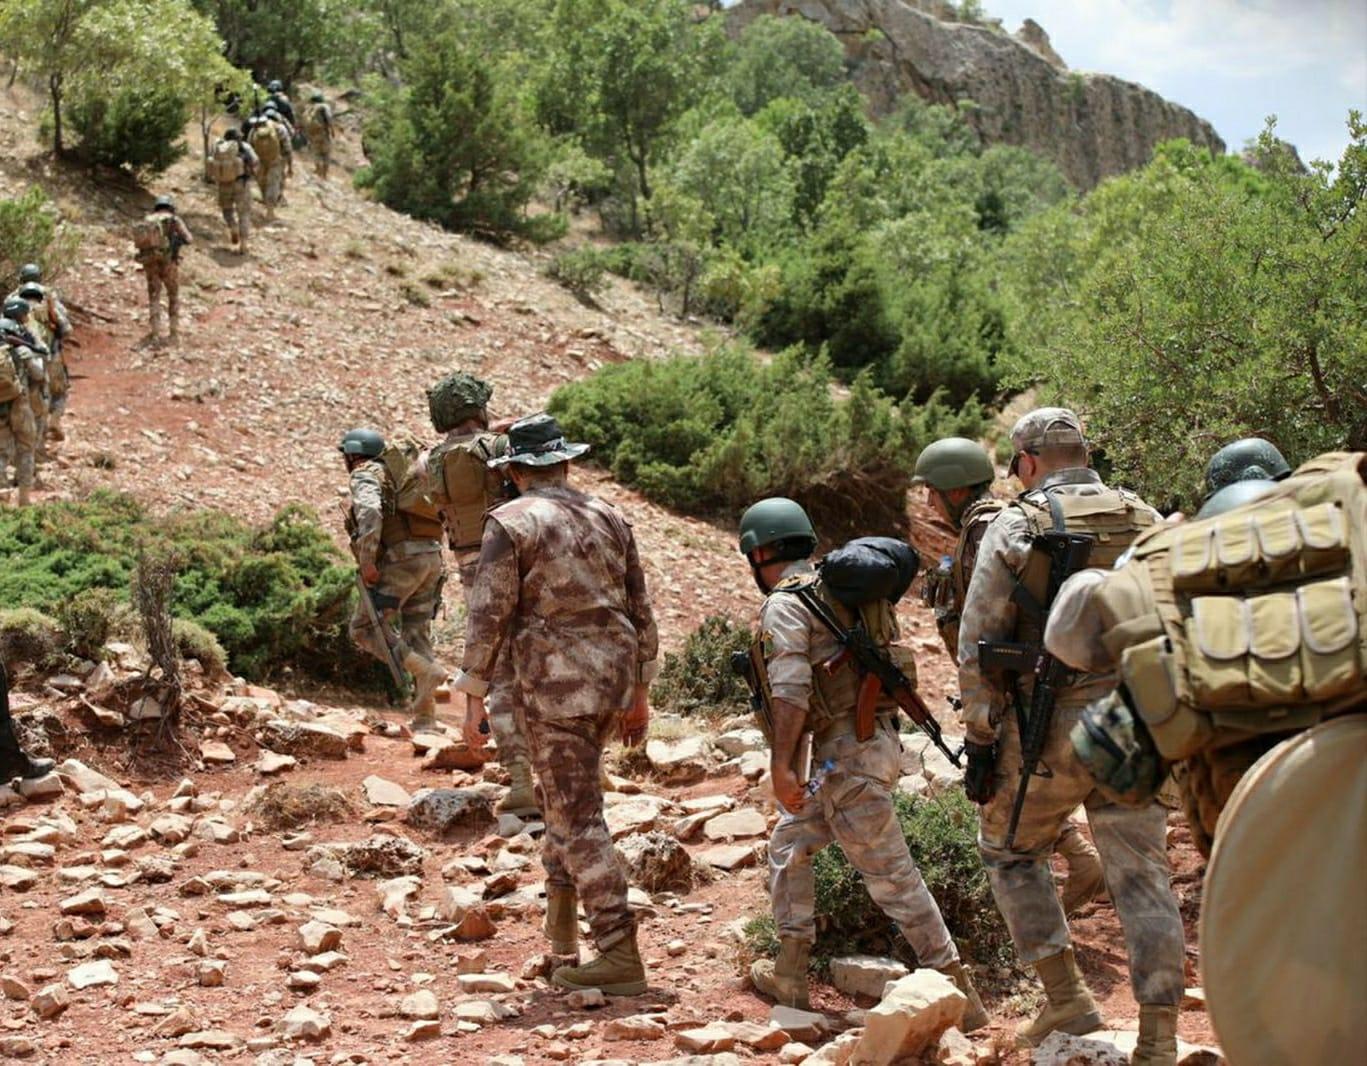 Irak ordusu TSK'ye karşı 'o bölgede' 4 üs kurdu!